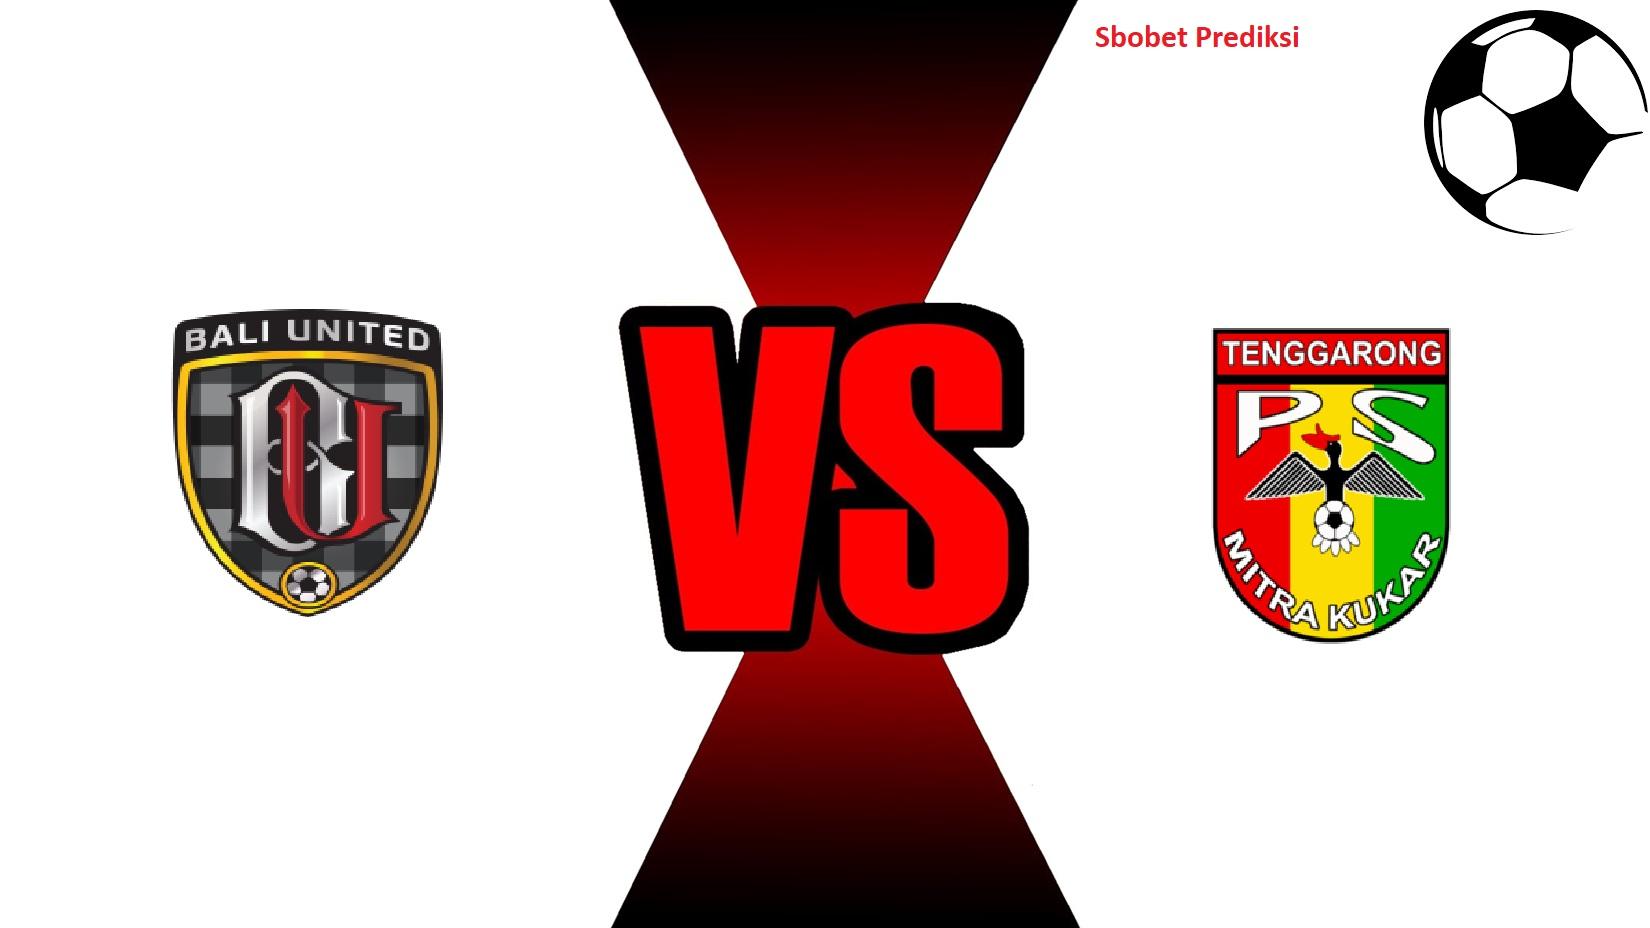 Prediksi Skor Pertandingan Bali United vs Mitra Kukar 15 Oktober 2018